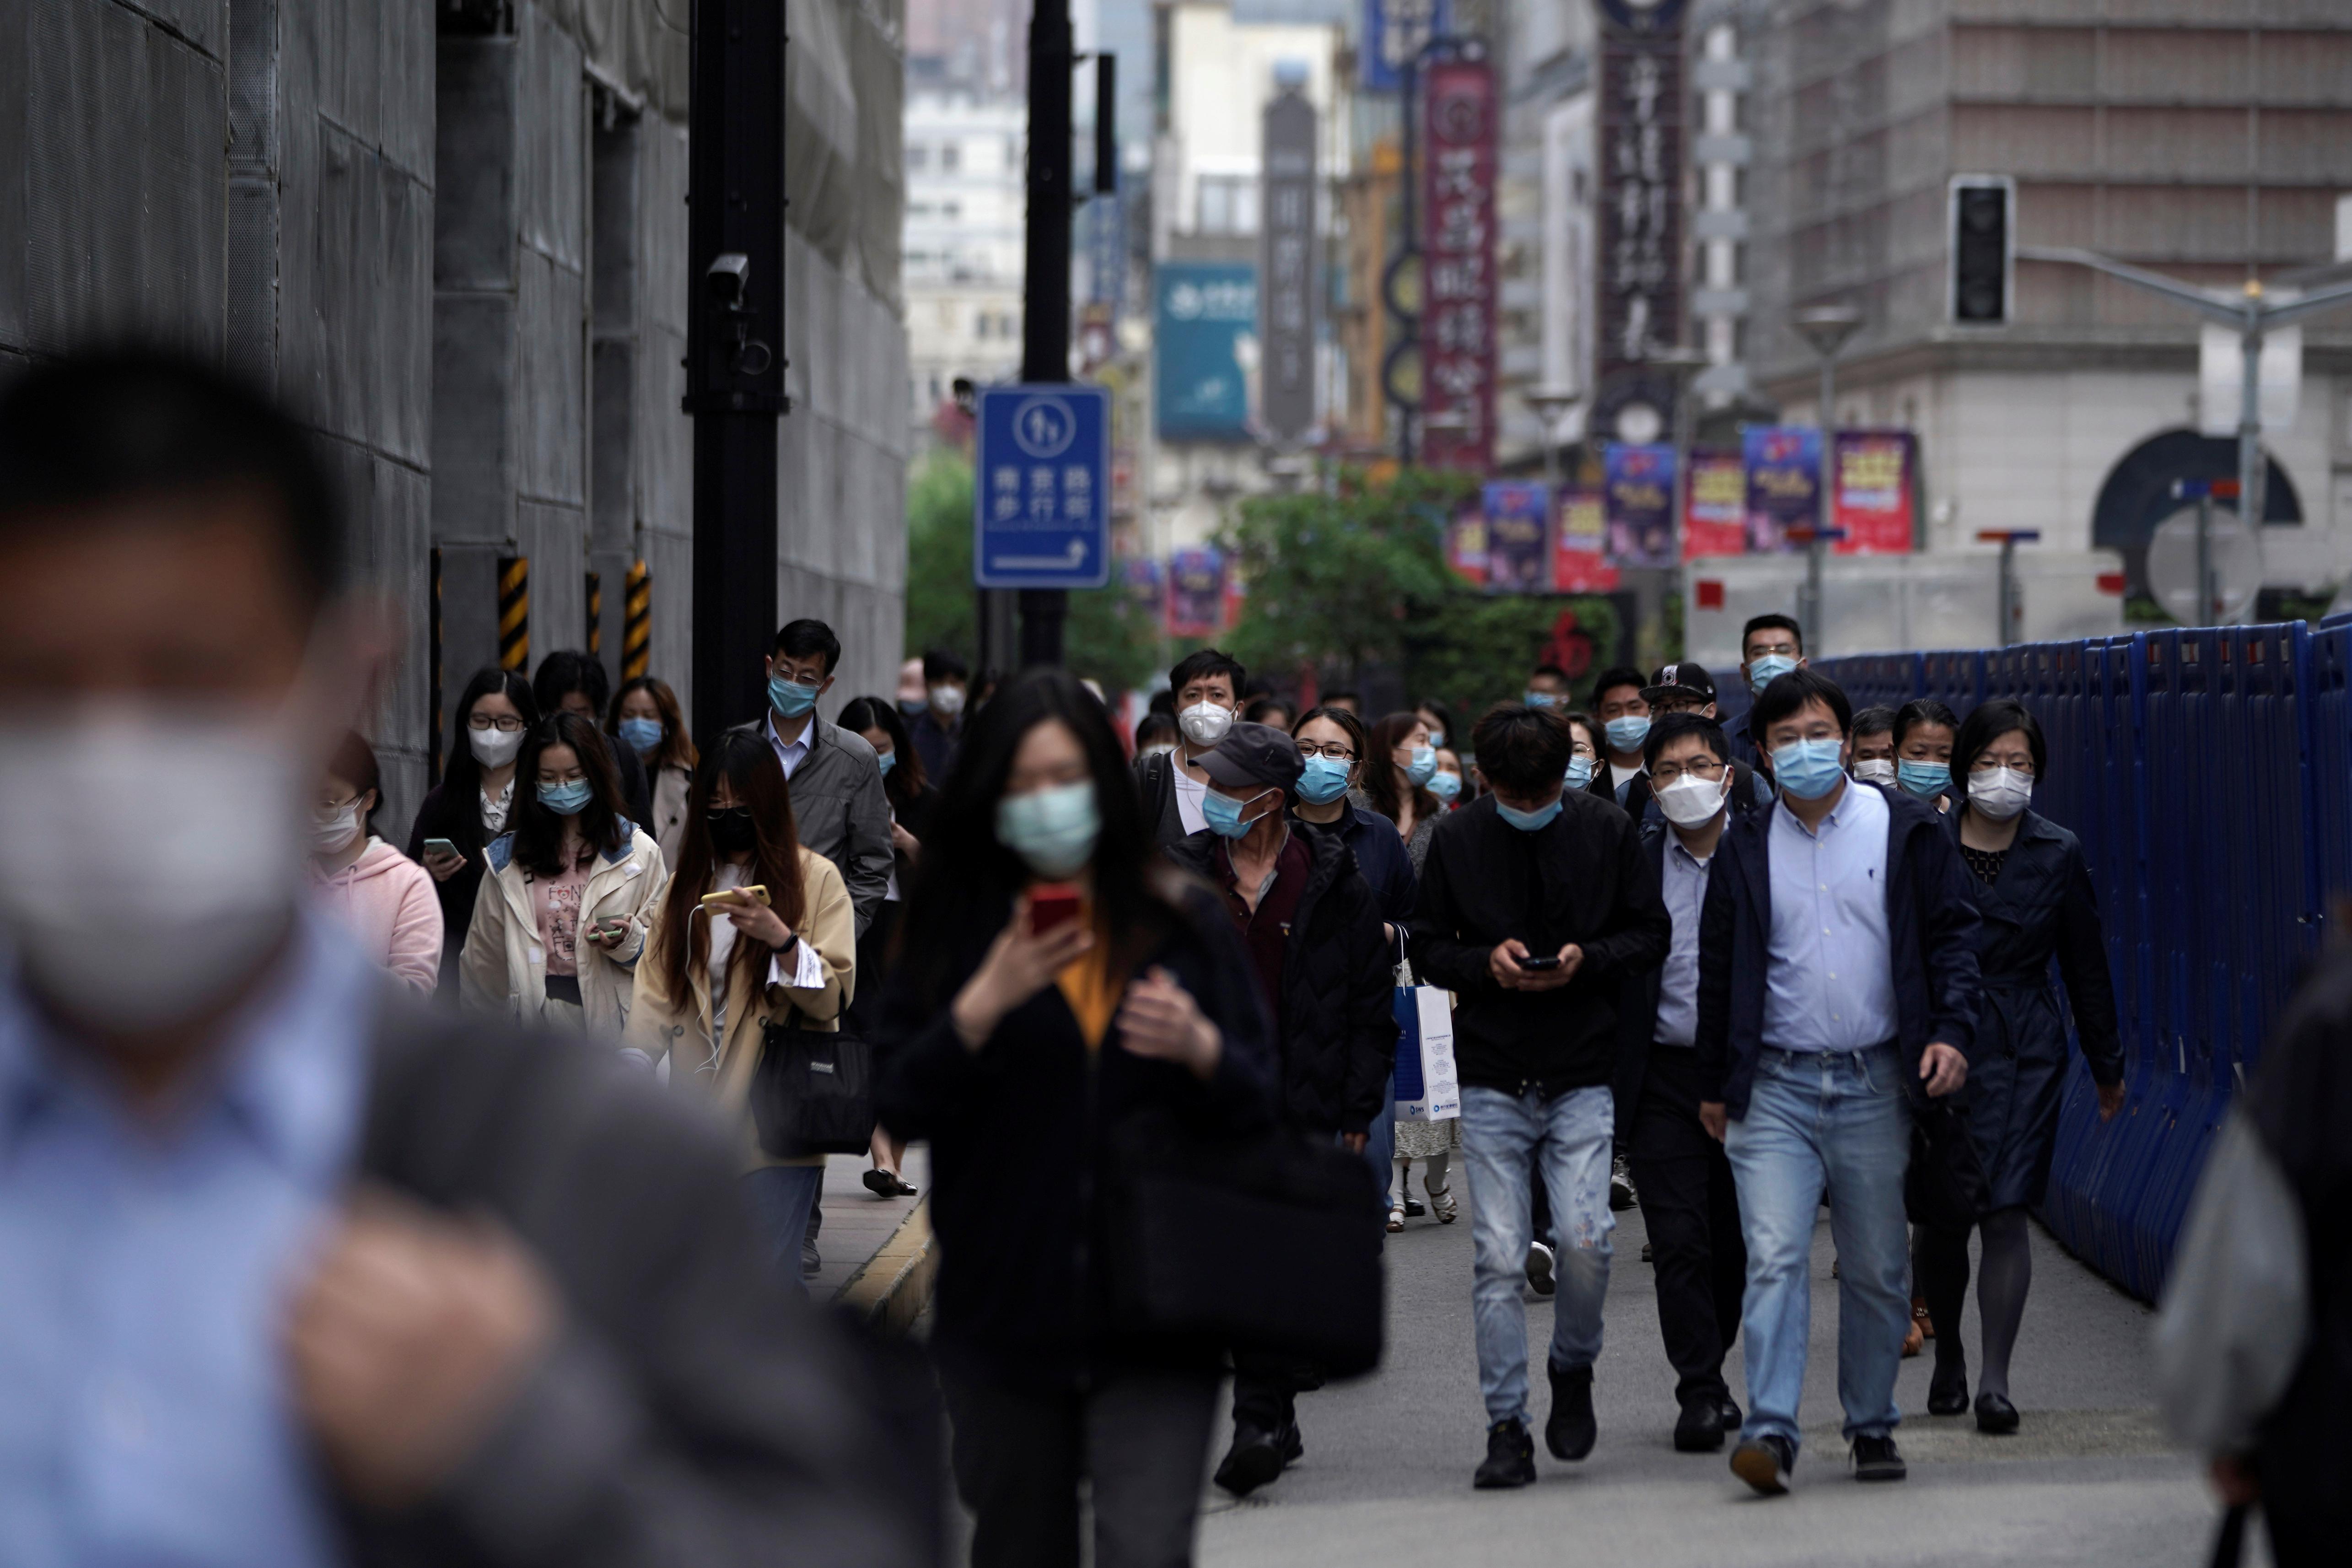 الصينيون يرتدون الكمامات بكثافة